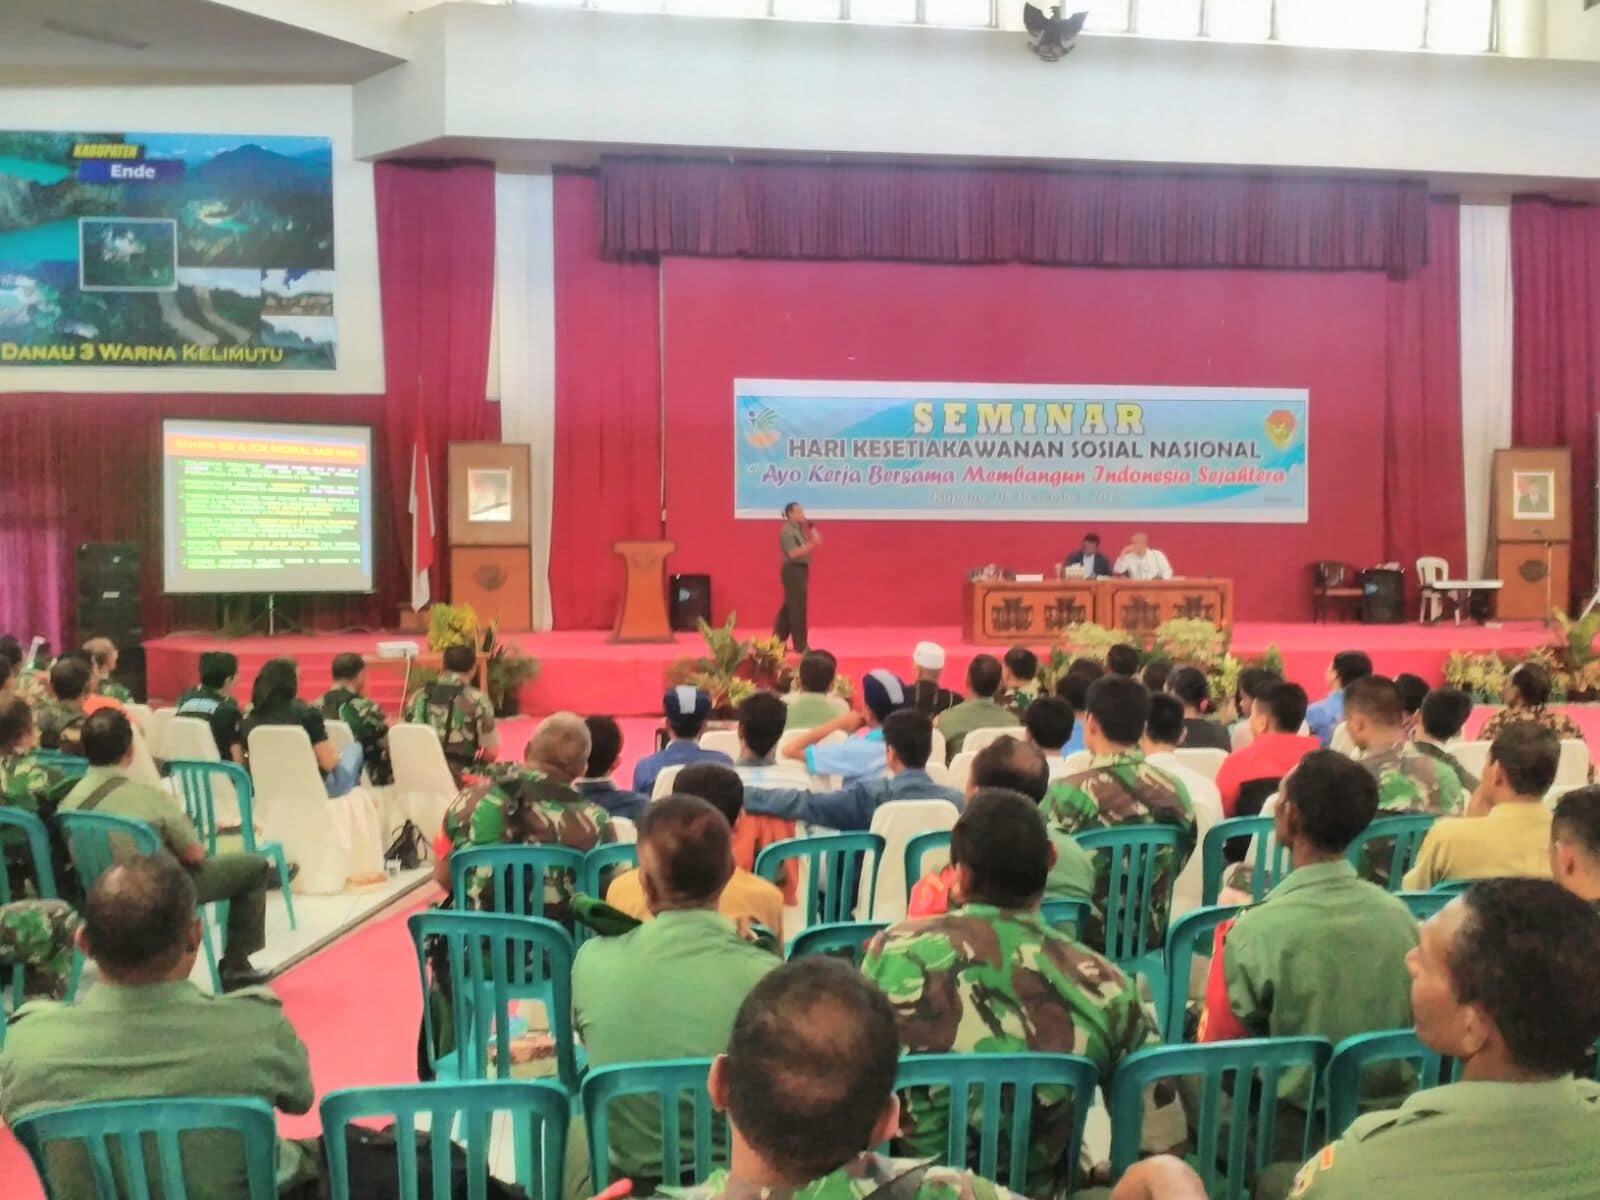 Danrem 161/WS Sebagai Pemateri Dalam Seminar HKSN